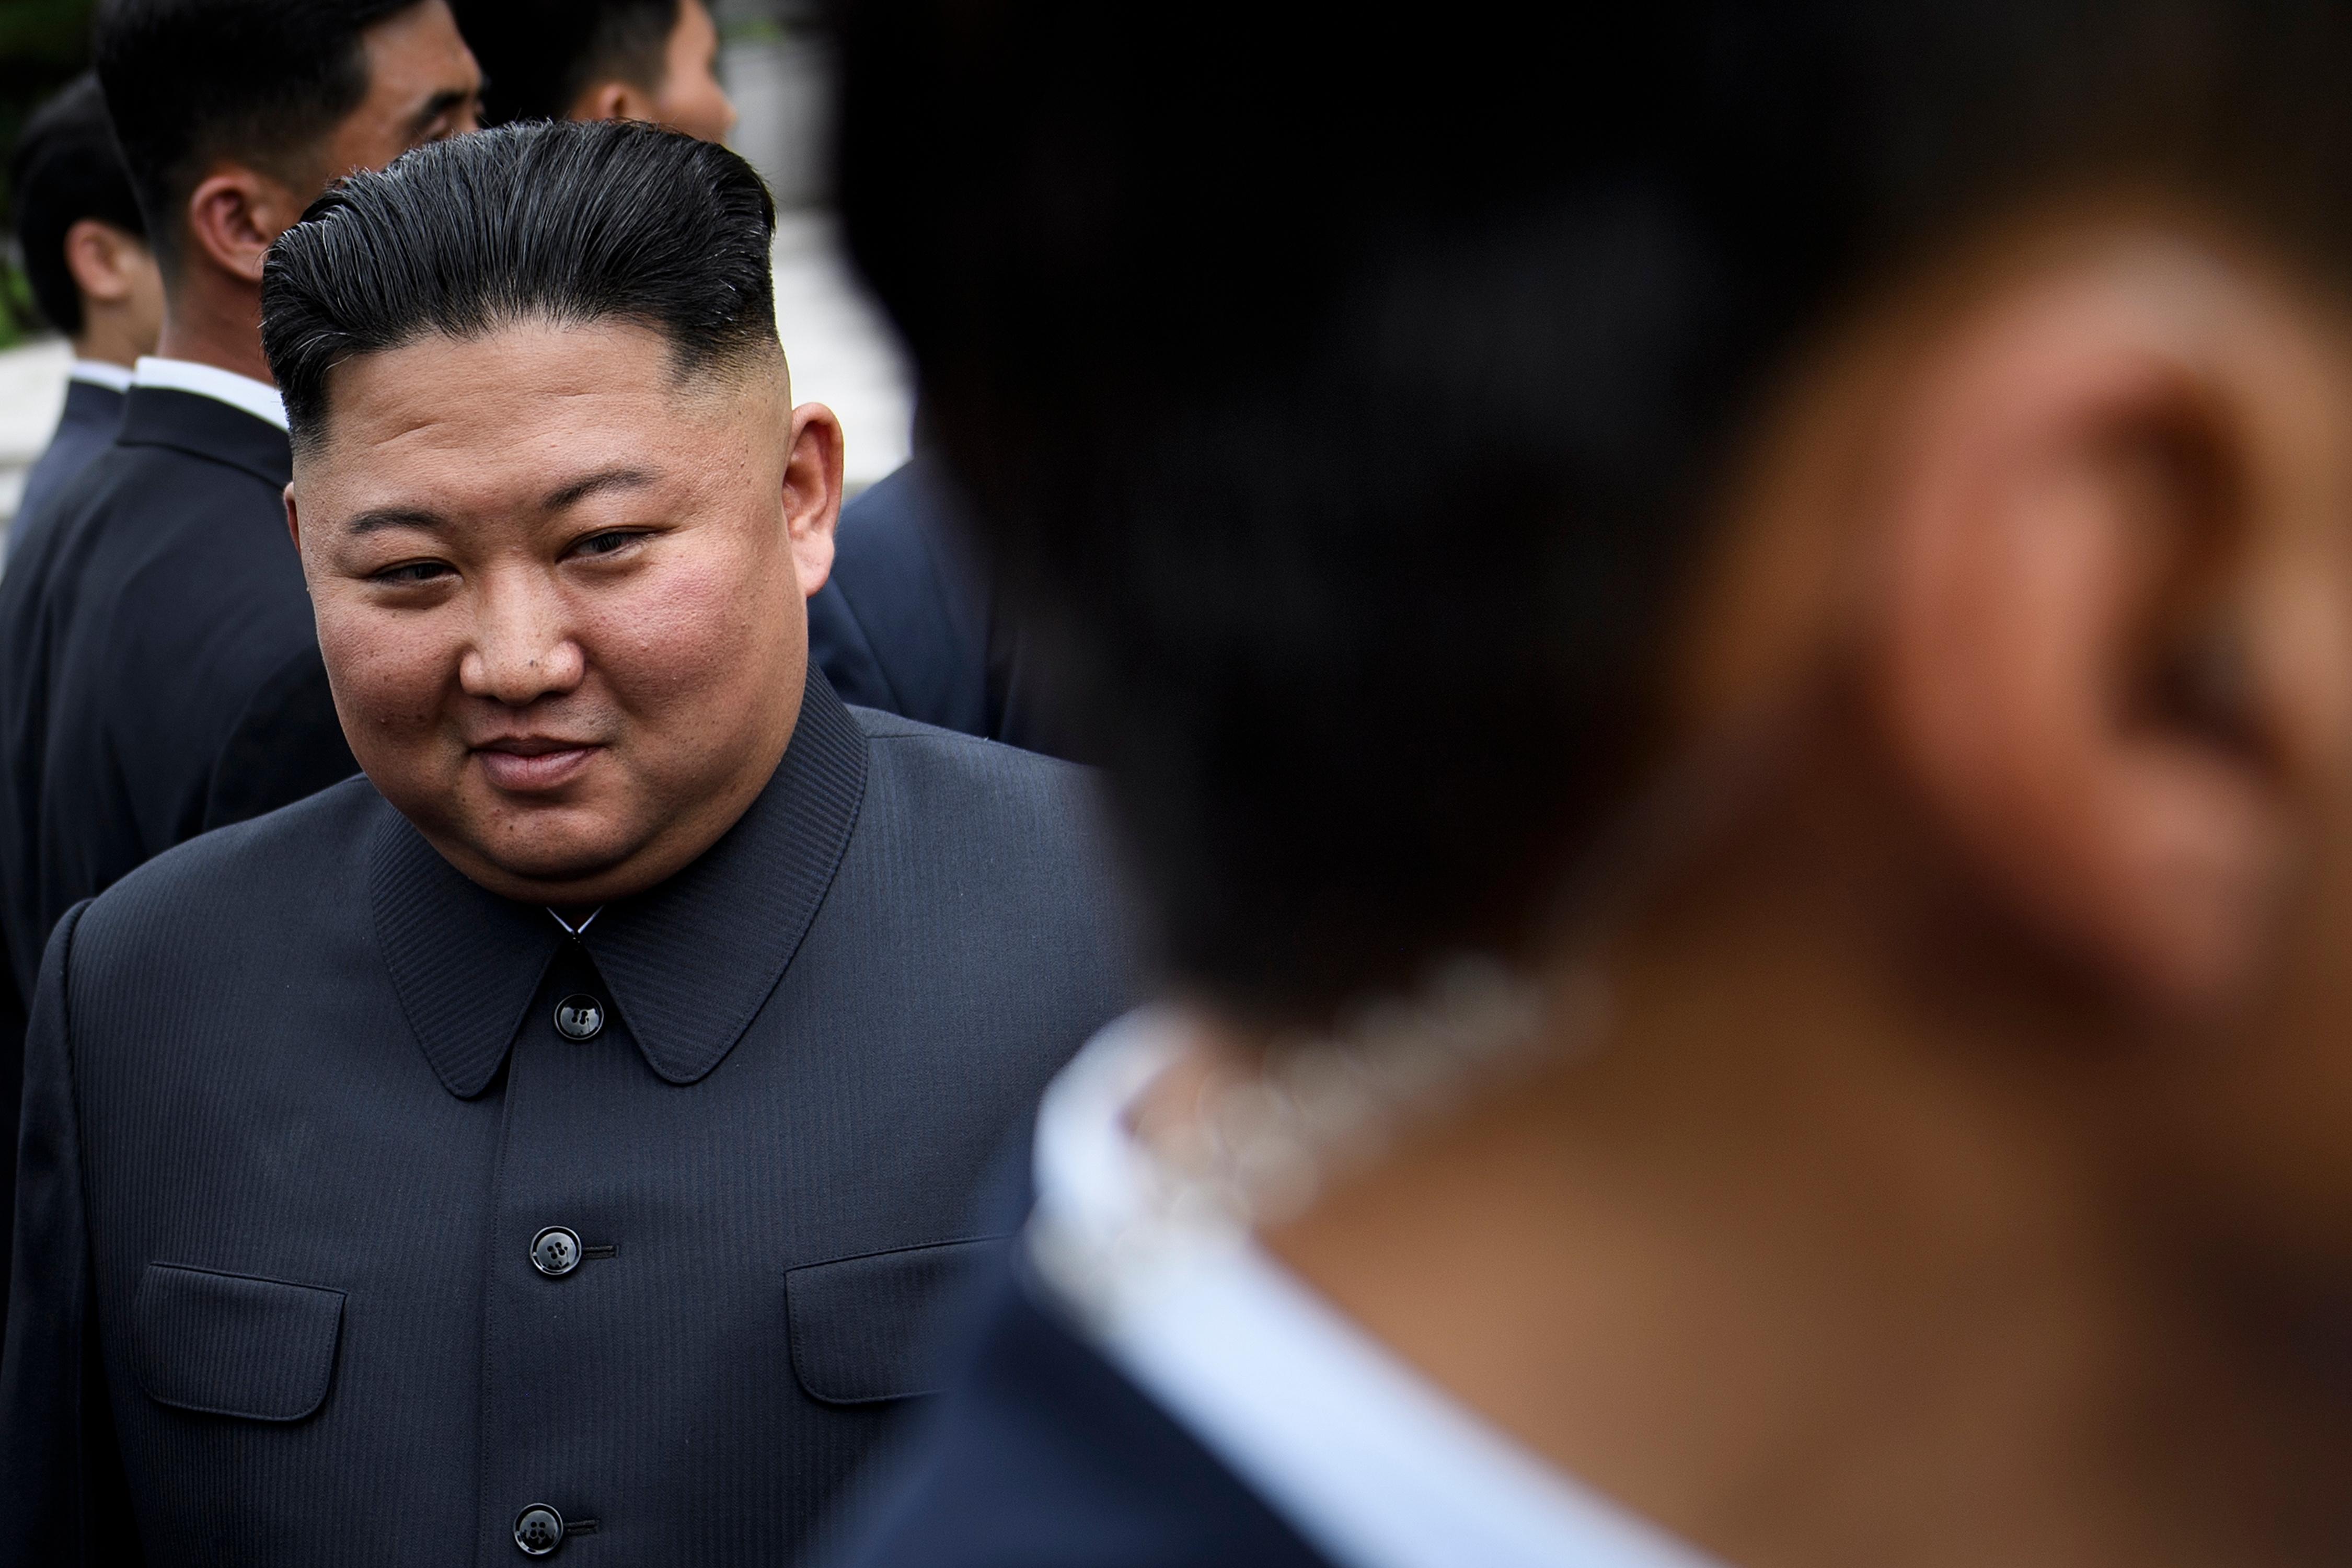 Kim Jong Un Expresses Condolences Over Outbreak in S. Korea | Time